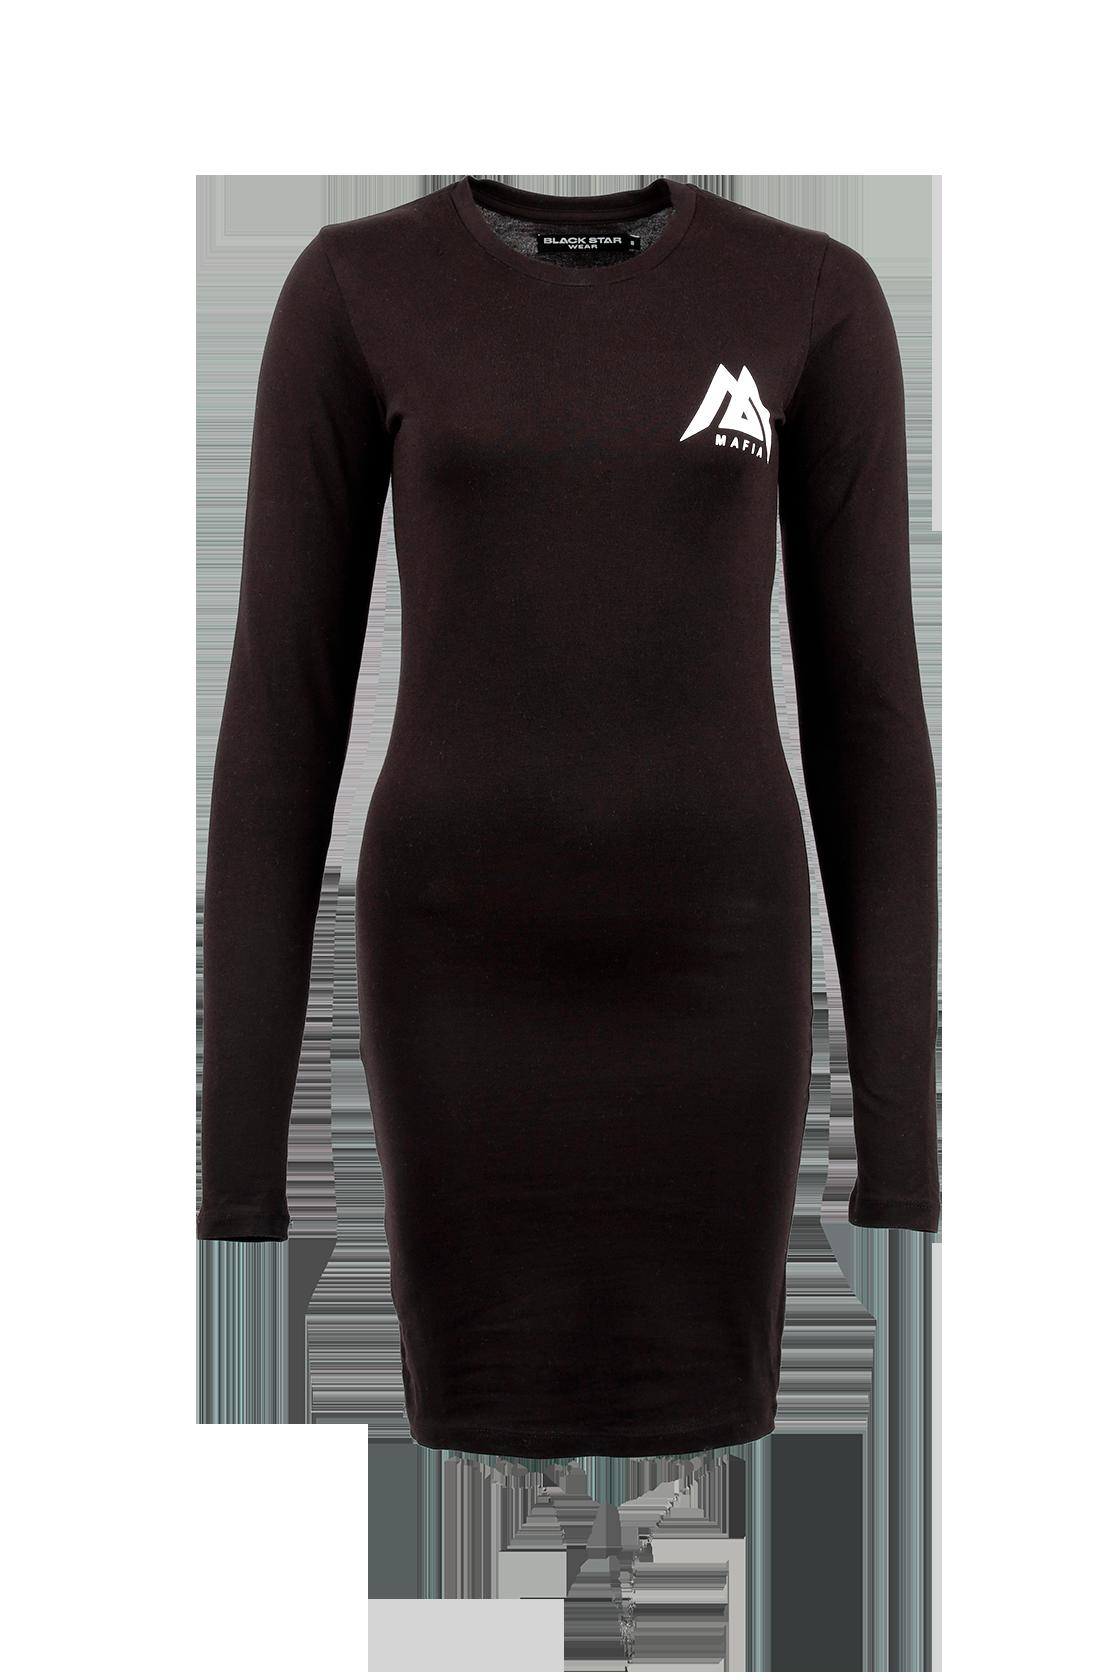 Платье женское Black Star MafiaСтильное платье черного цвета с принтом-надписью в стилистике бренда Black Star для современных девушек. Модель обладает облегающим кроем, позволяющим подчеркнуть достоинства фигуры. Длинный рукав выполнен по типу «лонгслива» - с проймой для большого пальца. Для пошива изделия был выбран высококачественный эластичный материал, хорошо сохраняющий форму и внешний вид.<br><br>Размер: M<br>Цвет: Черный<br>Пол: Женский